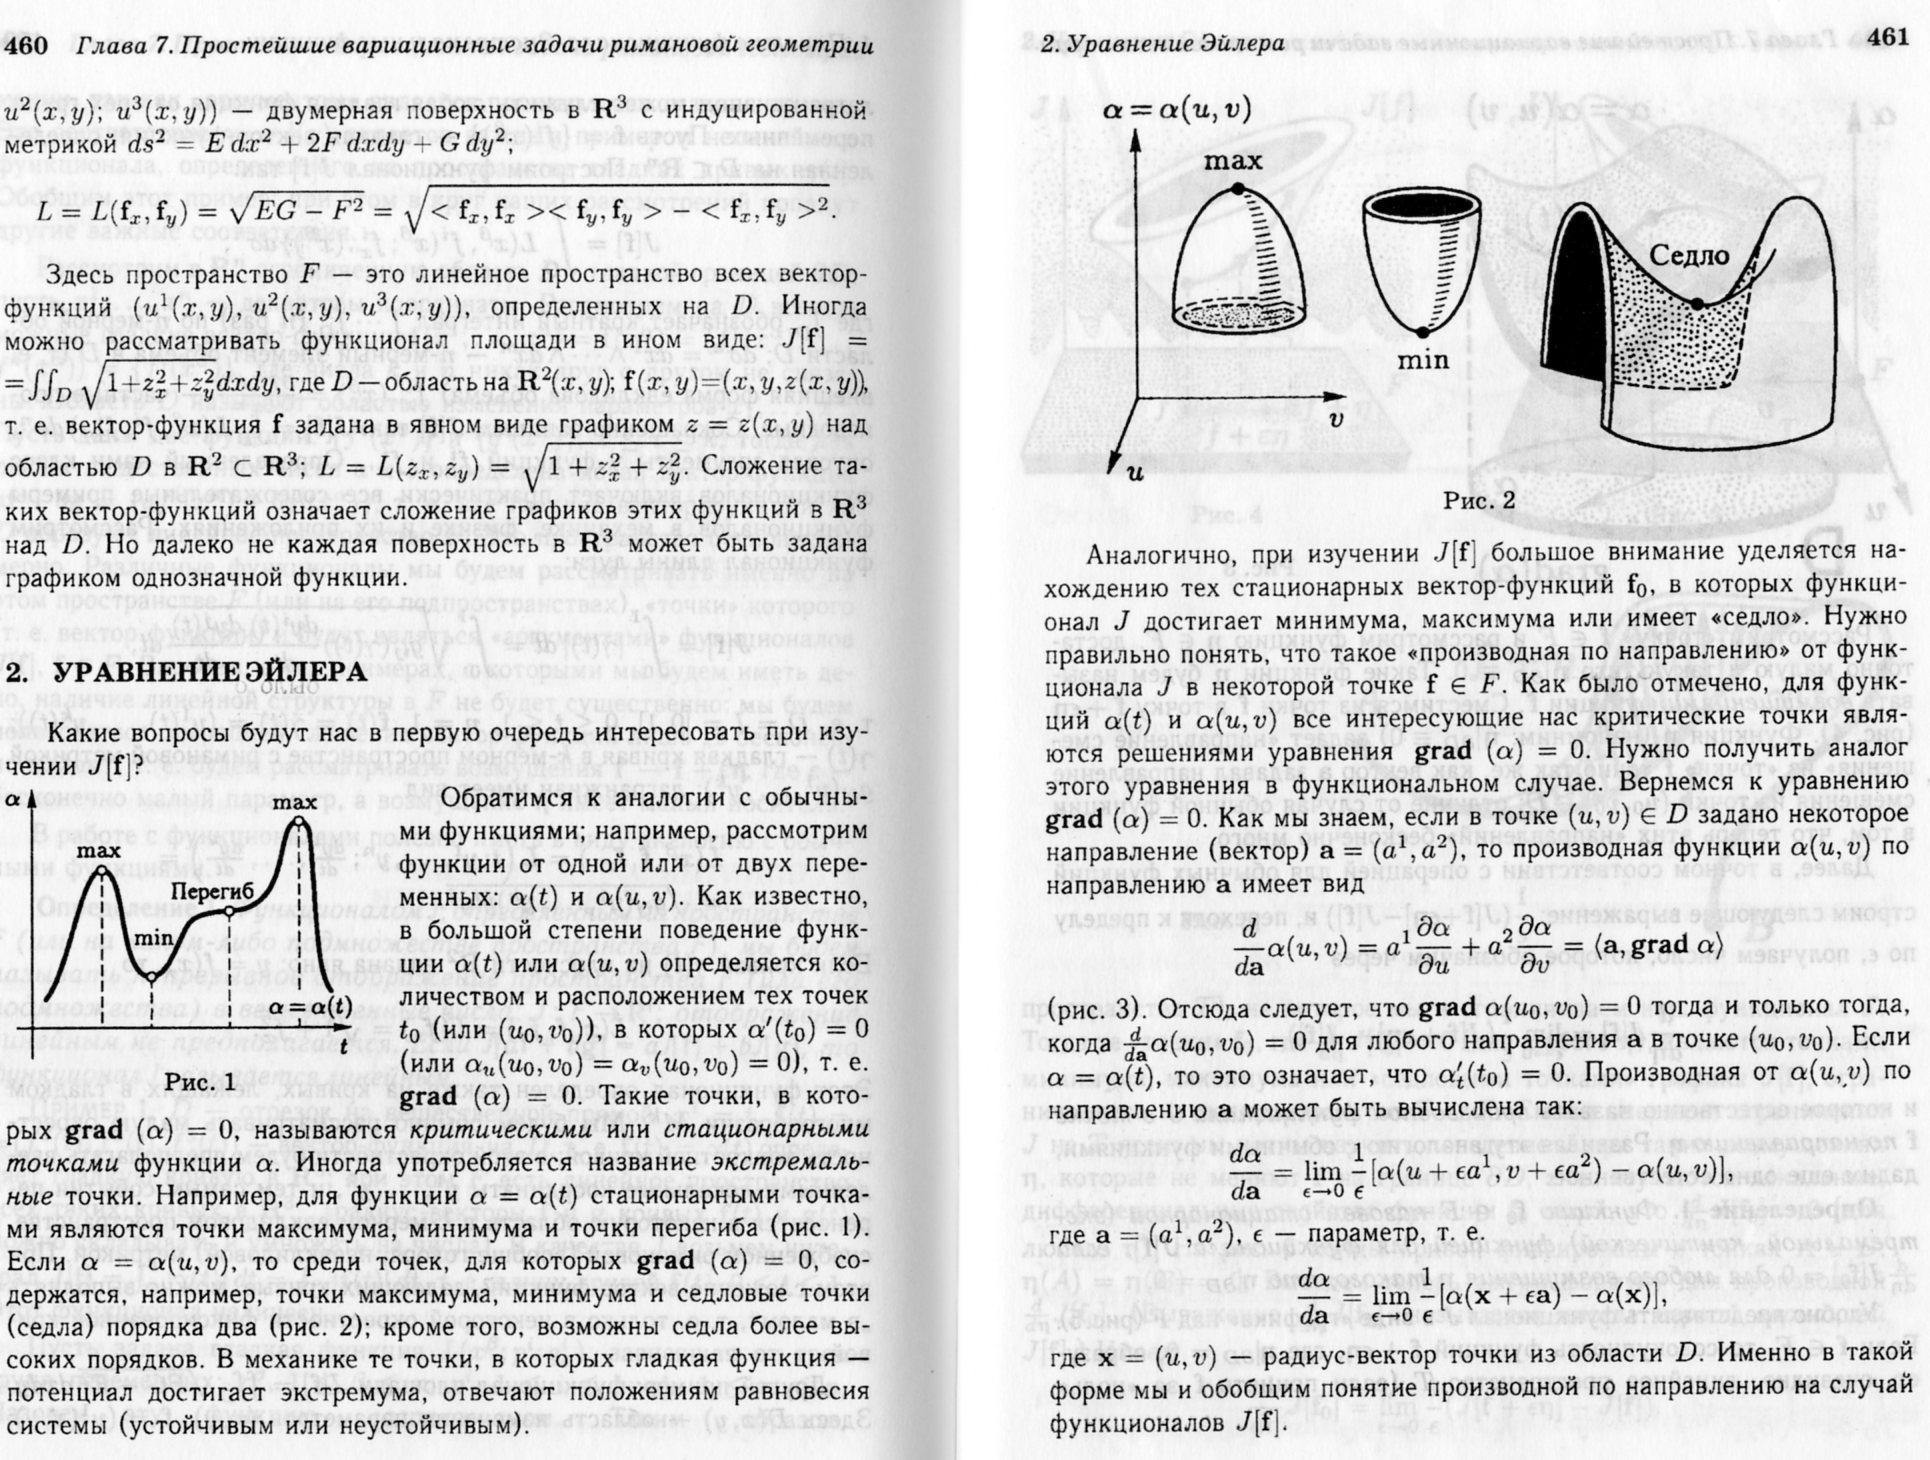 Мгу Наглядная Геометрия Топология Учебные Материалы Лекции